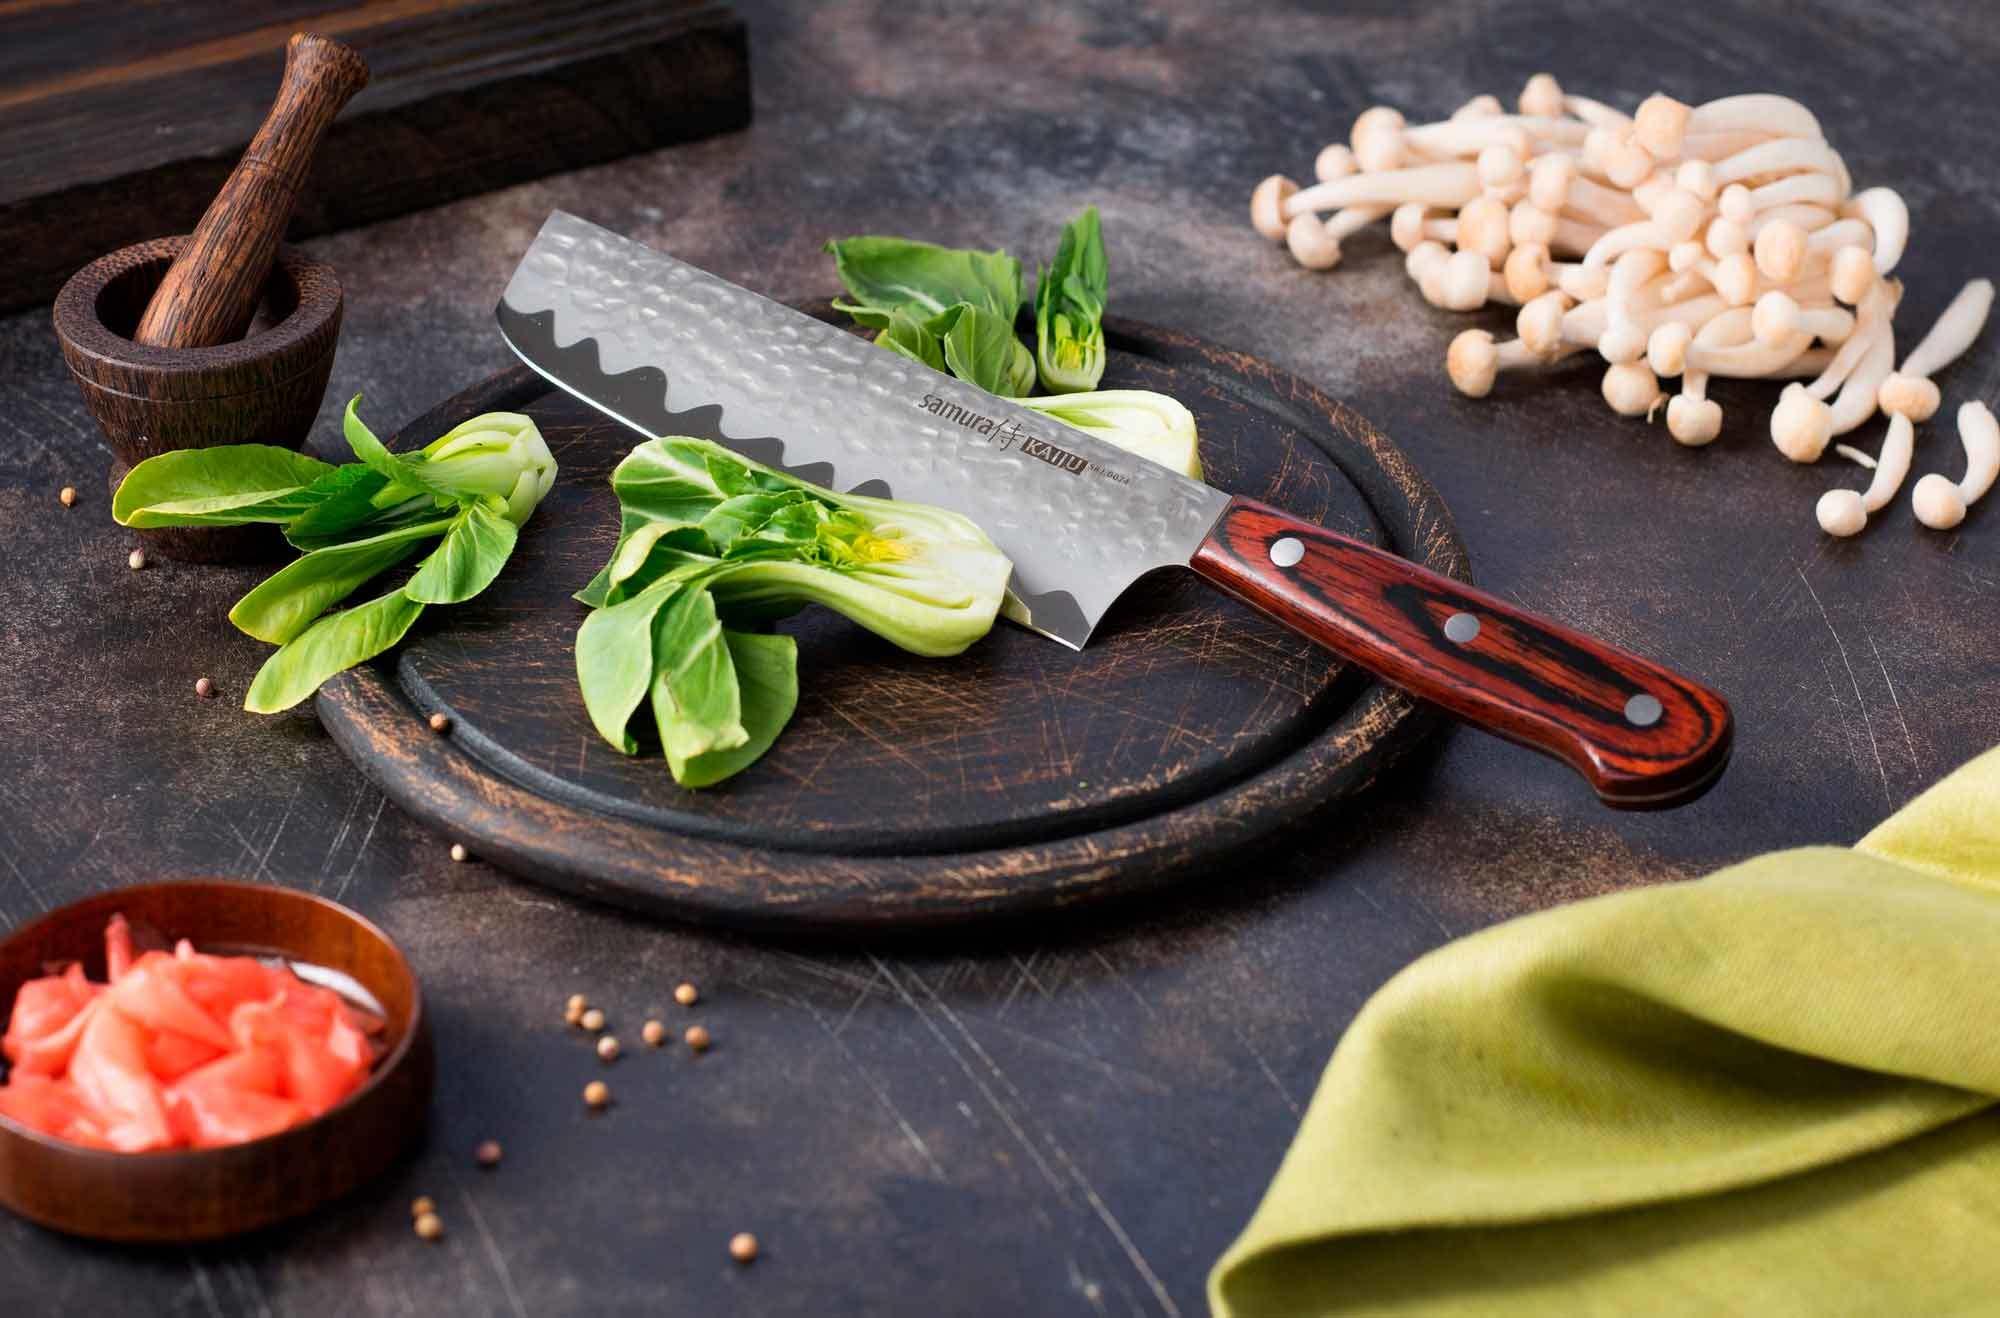 Фото 7 - Нож кухонный Samura KAIJU Накири - SKJ-0074, сталь AUS-8, рукоять дерево, 167 мм